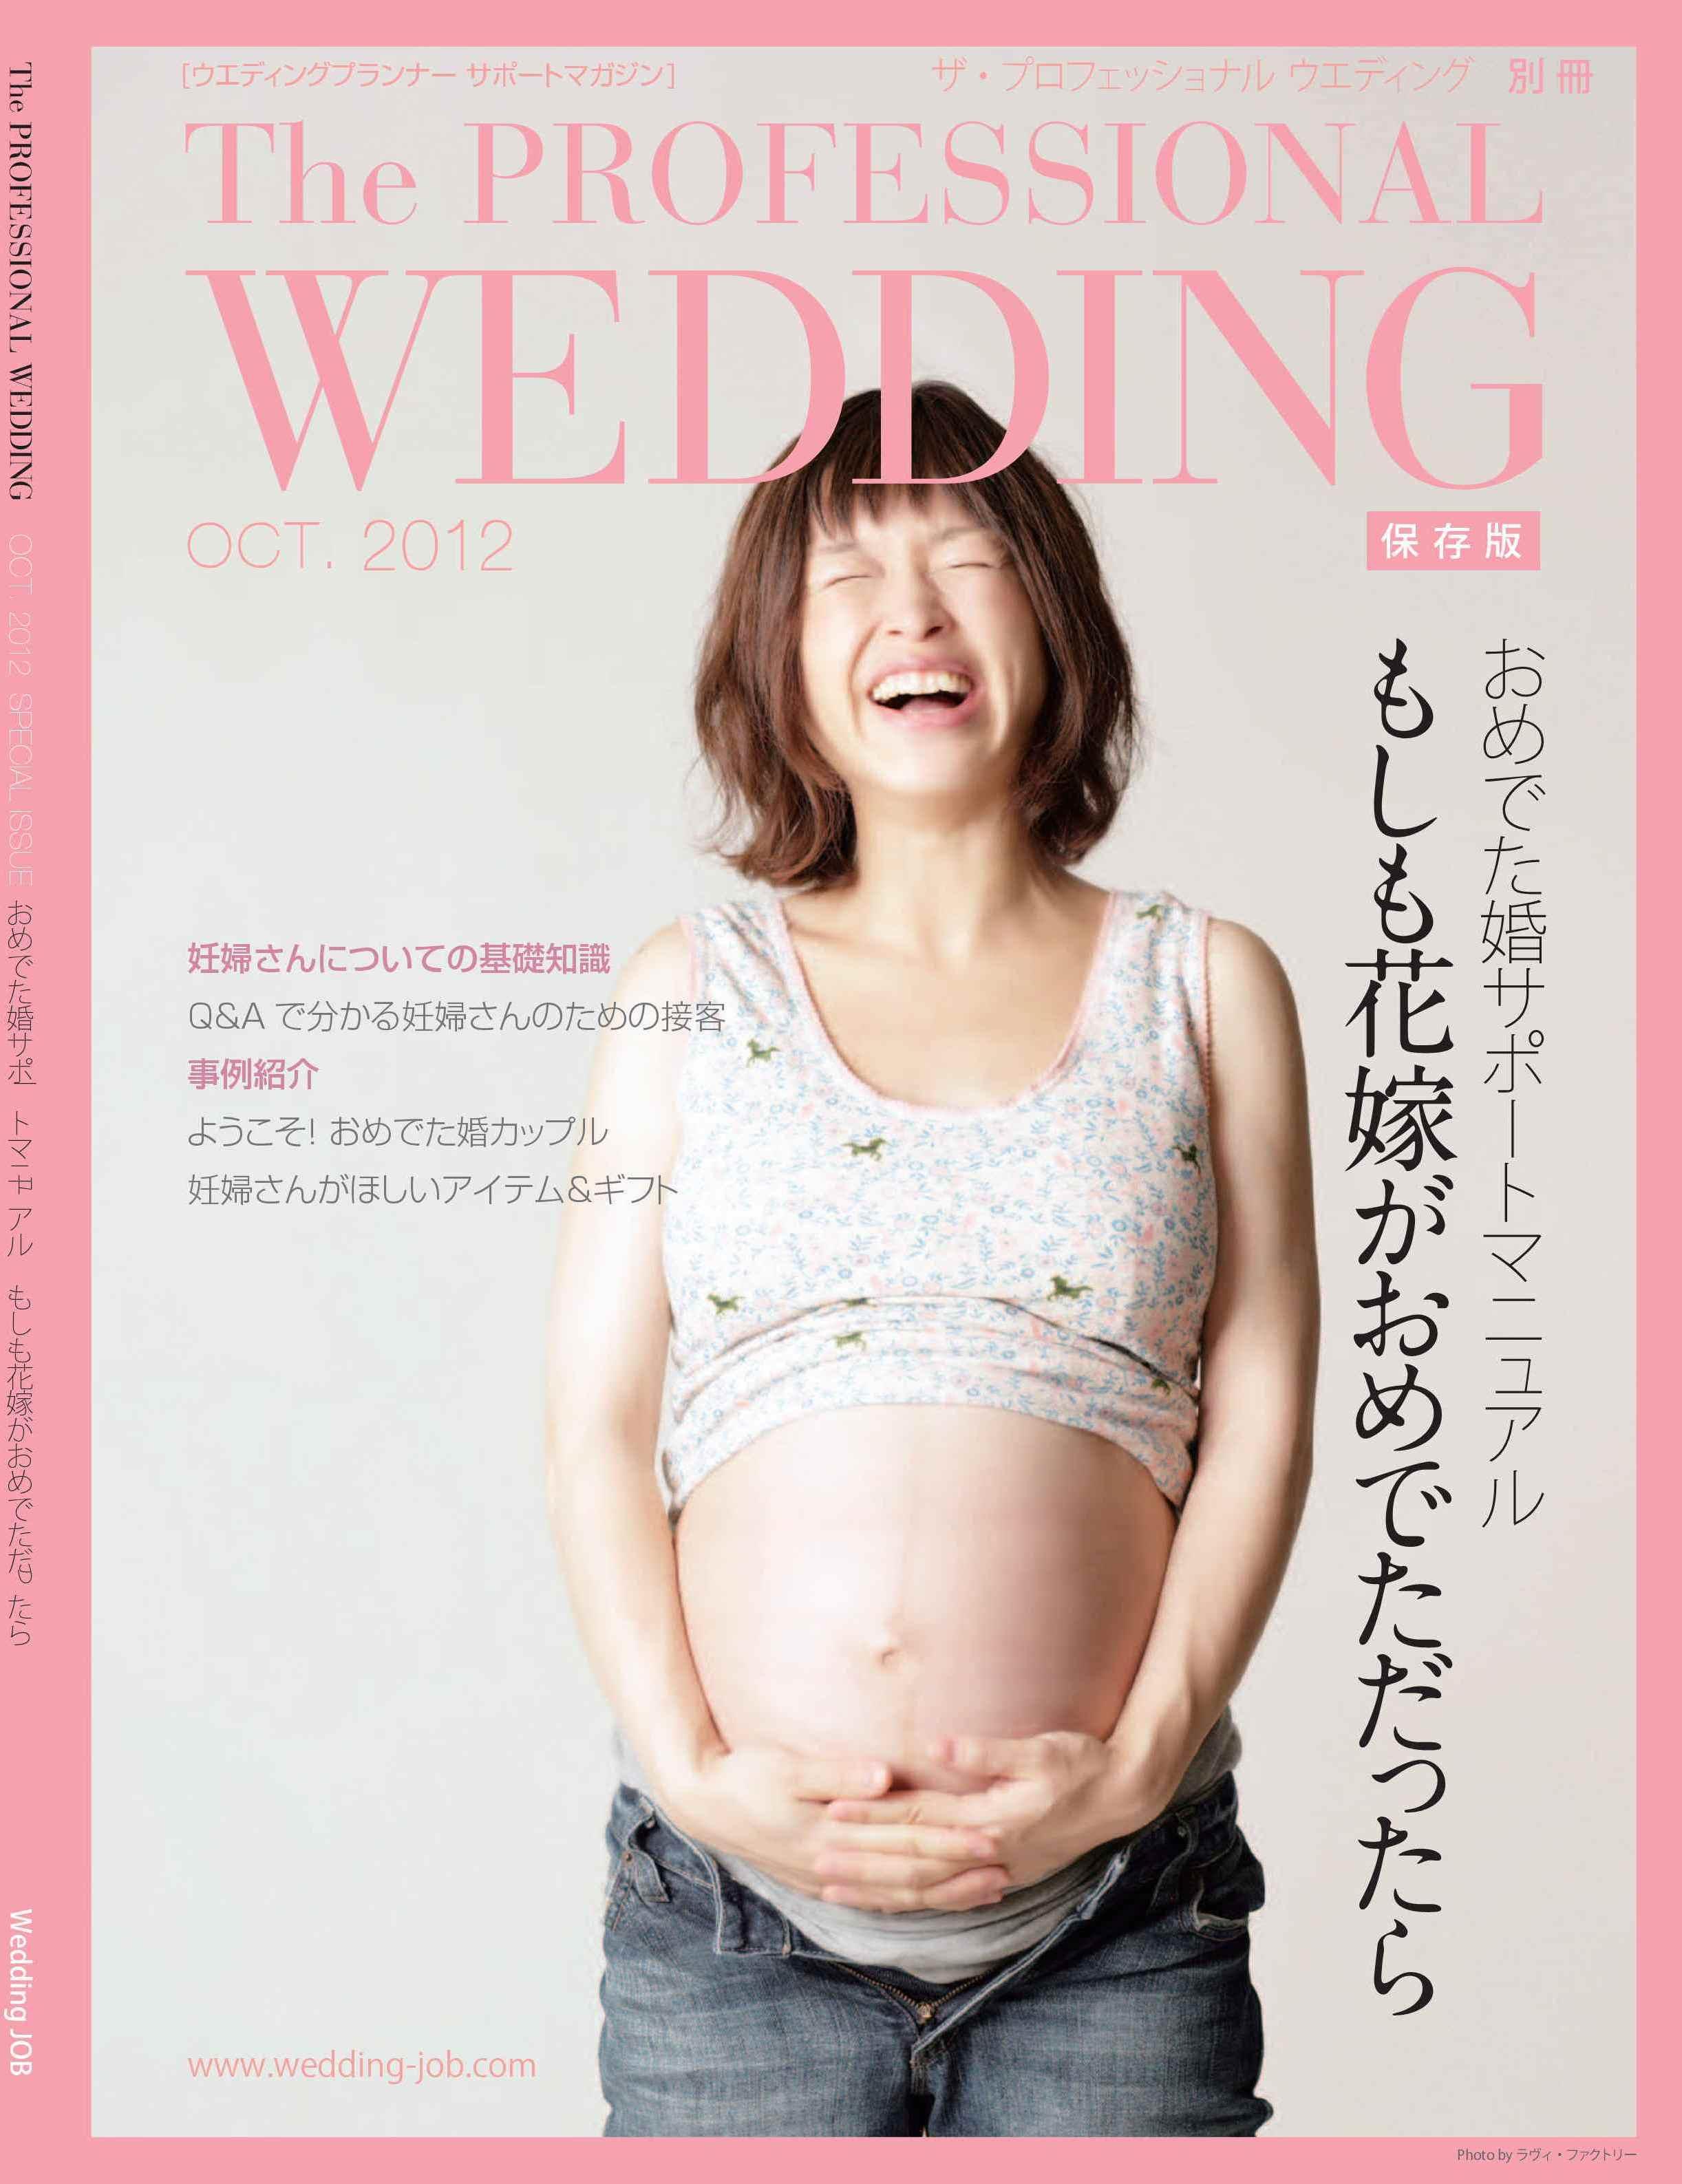 The Professional Wedding 別冊 おめでた婚サポートマニュアル 『もしも花嫁がおめでただったら』発行のお知らせ